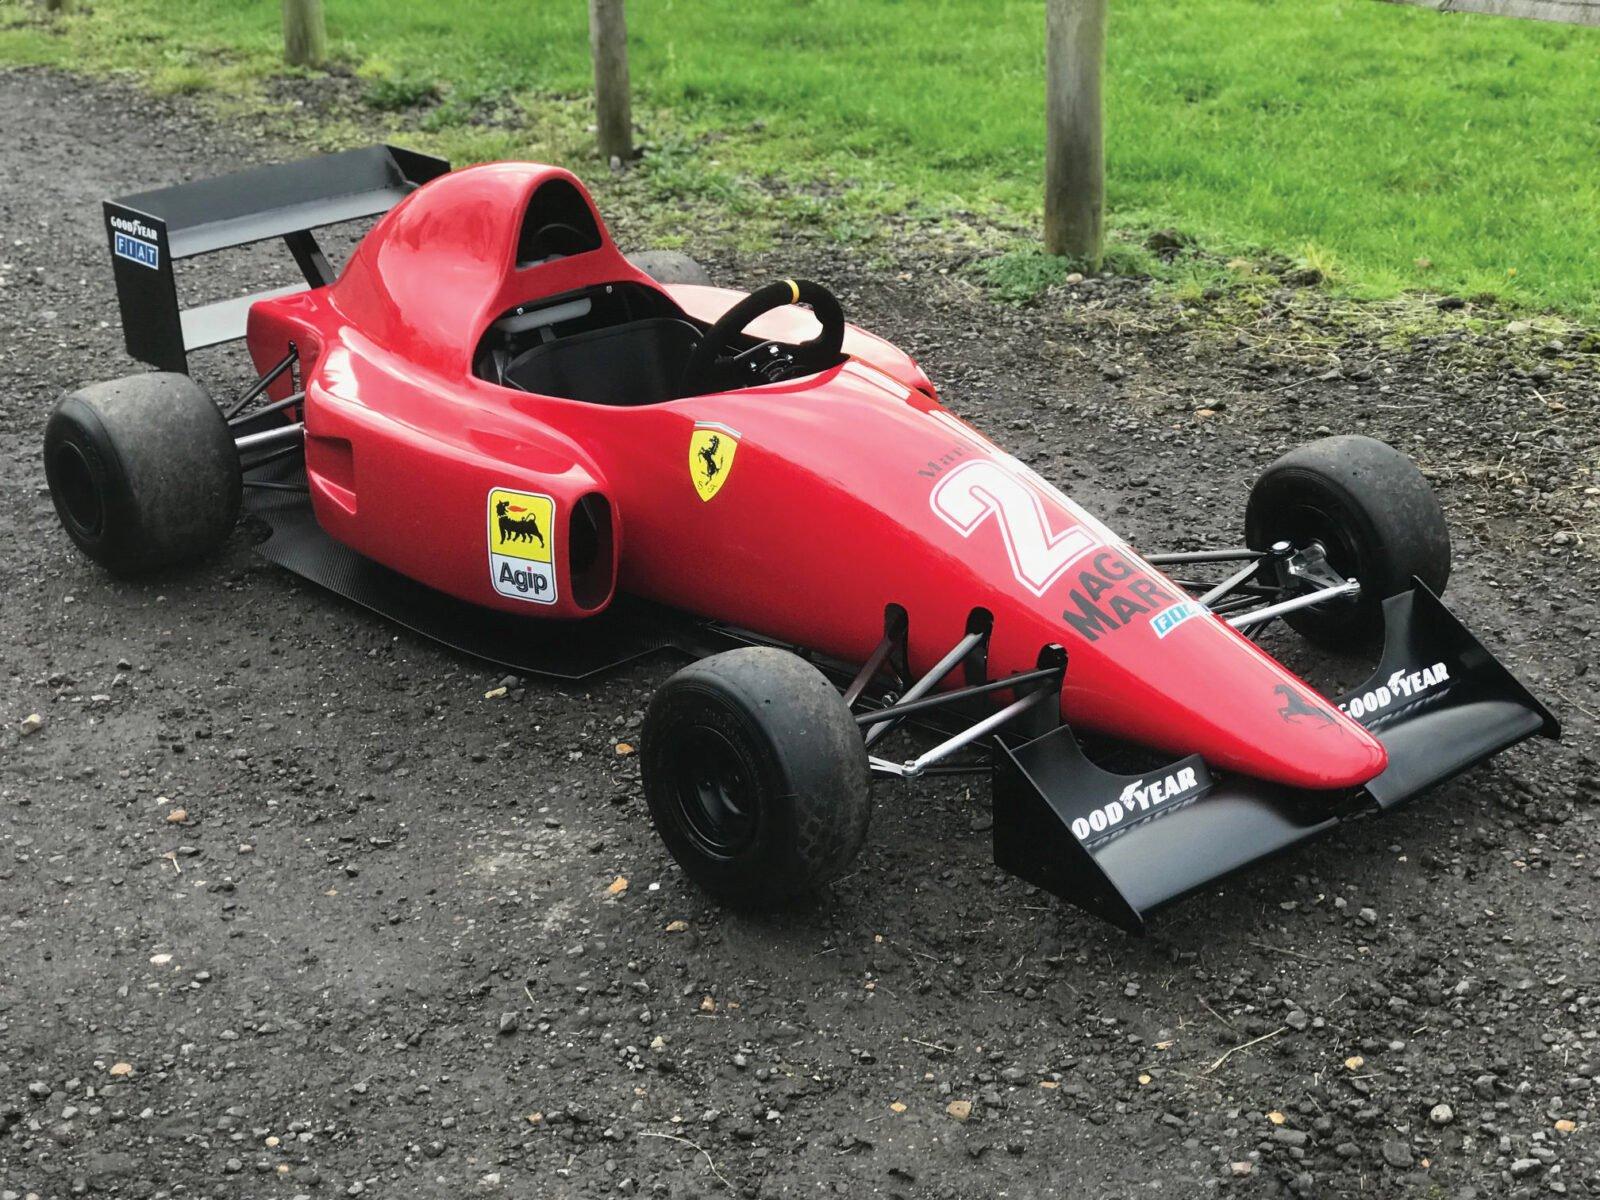 Ferrari 640 F1 Childrens Car 1600x1200 - Ferrari 640 F1-89 Kid's Car